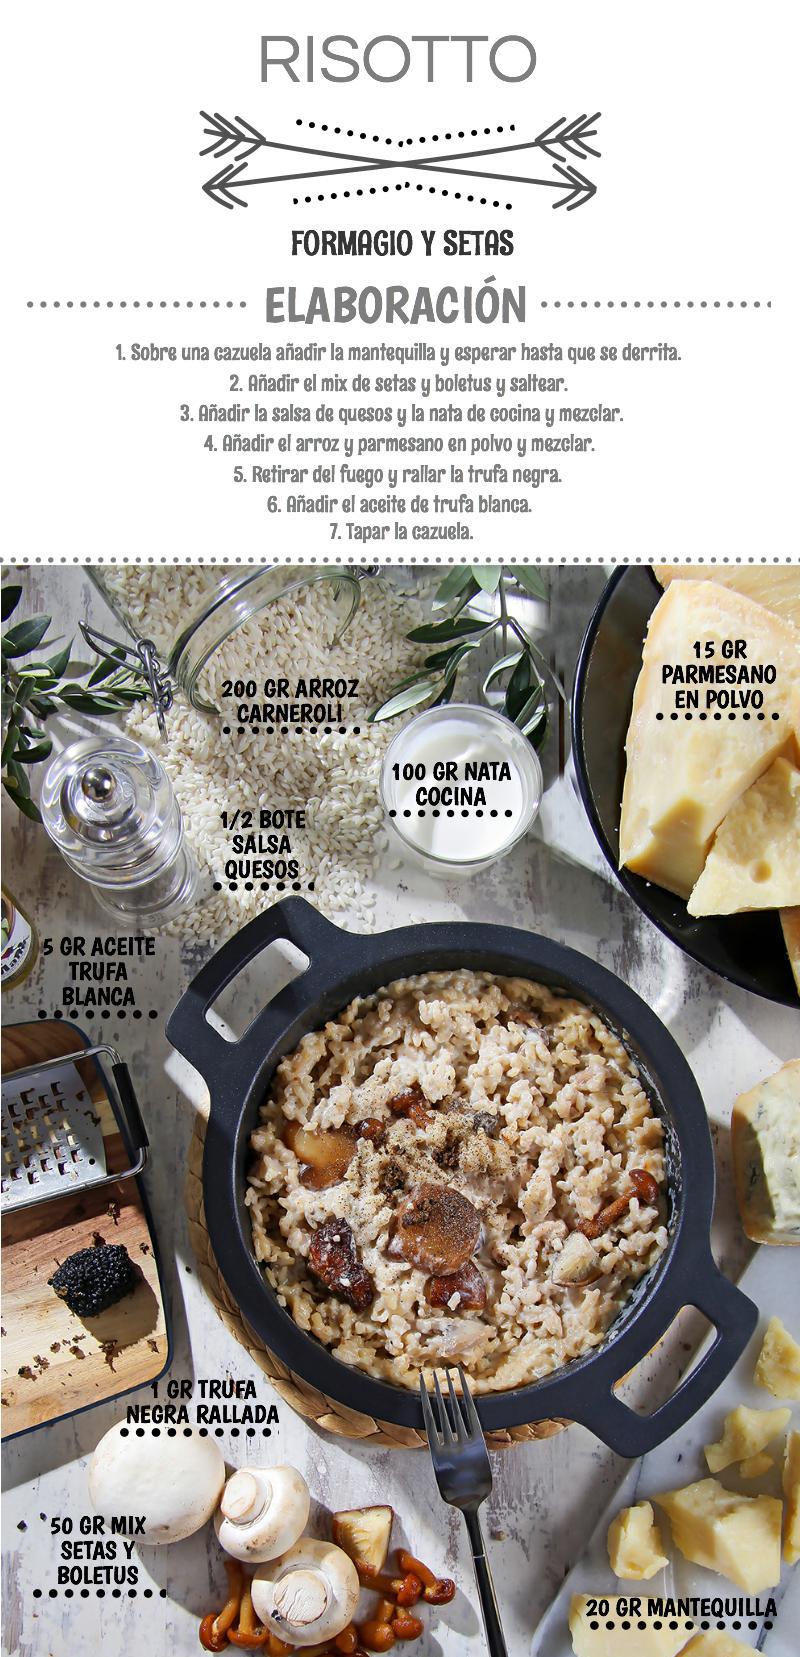 risotto-formagio-setas-cocina-italiana-restaurante